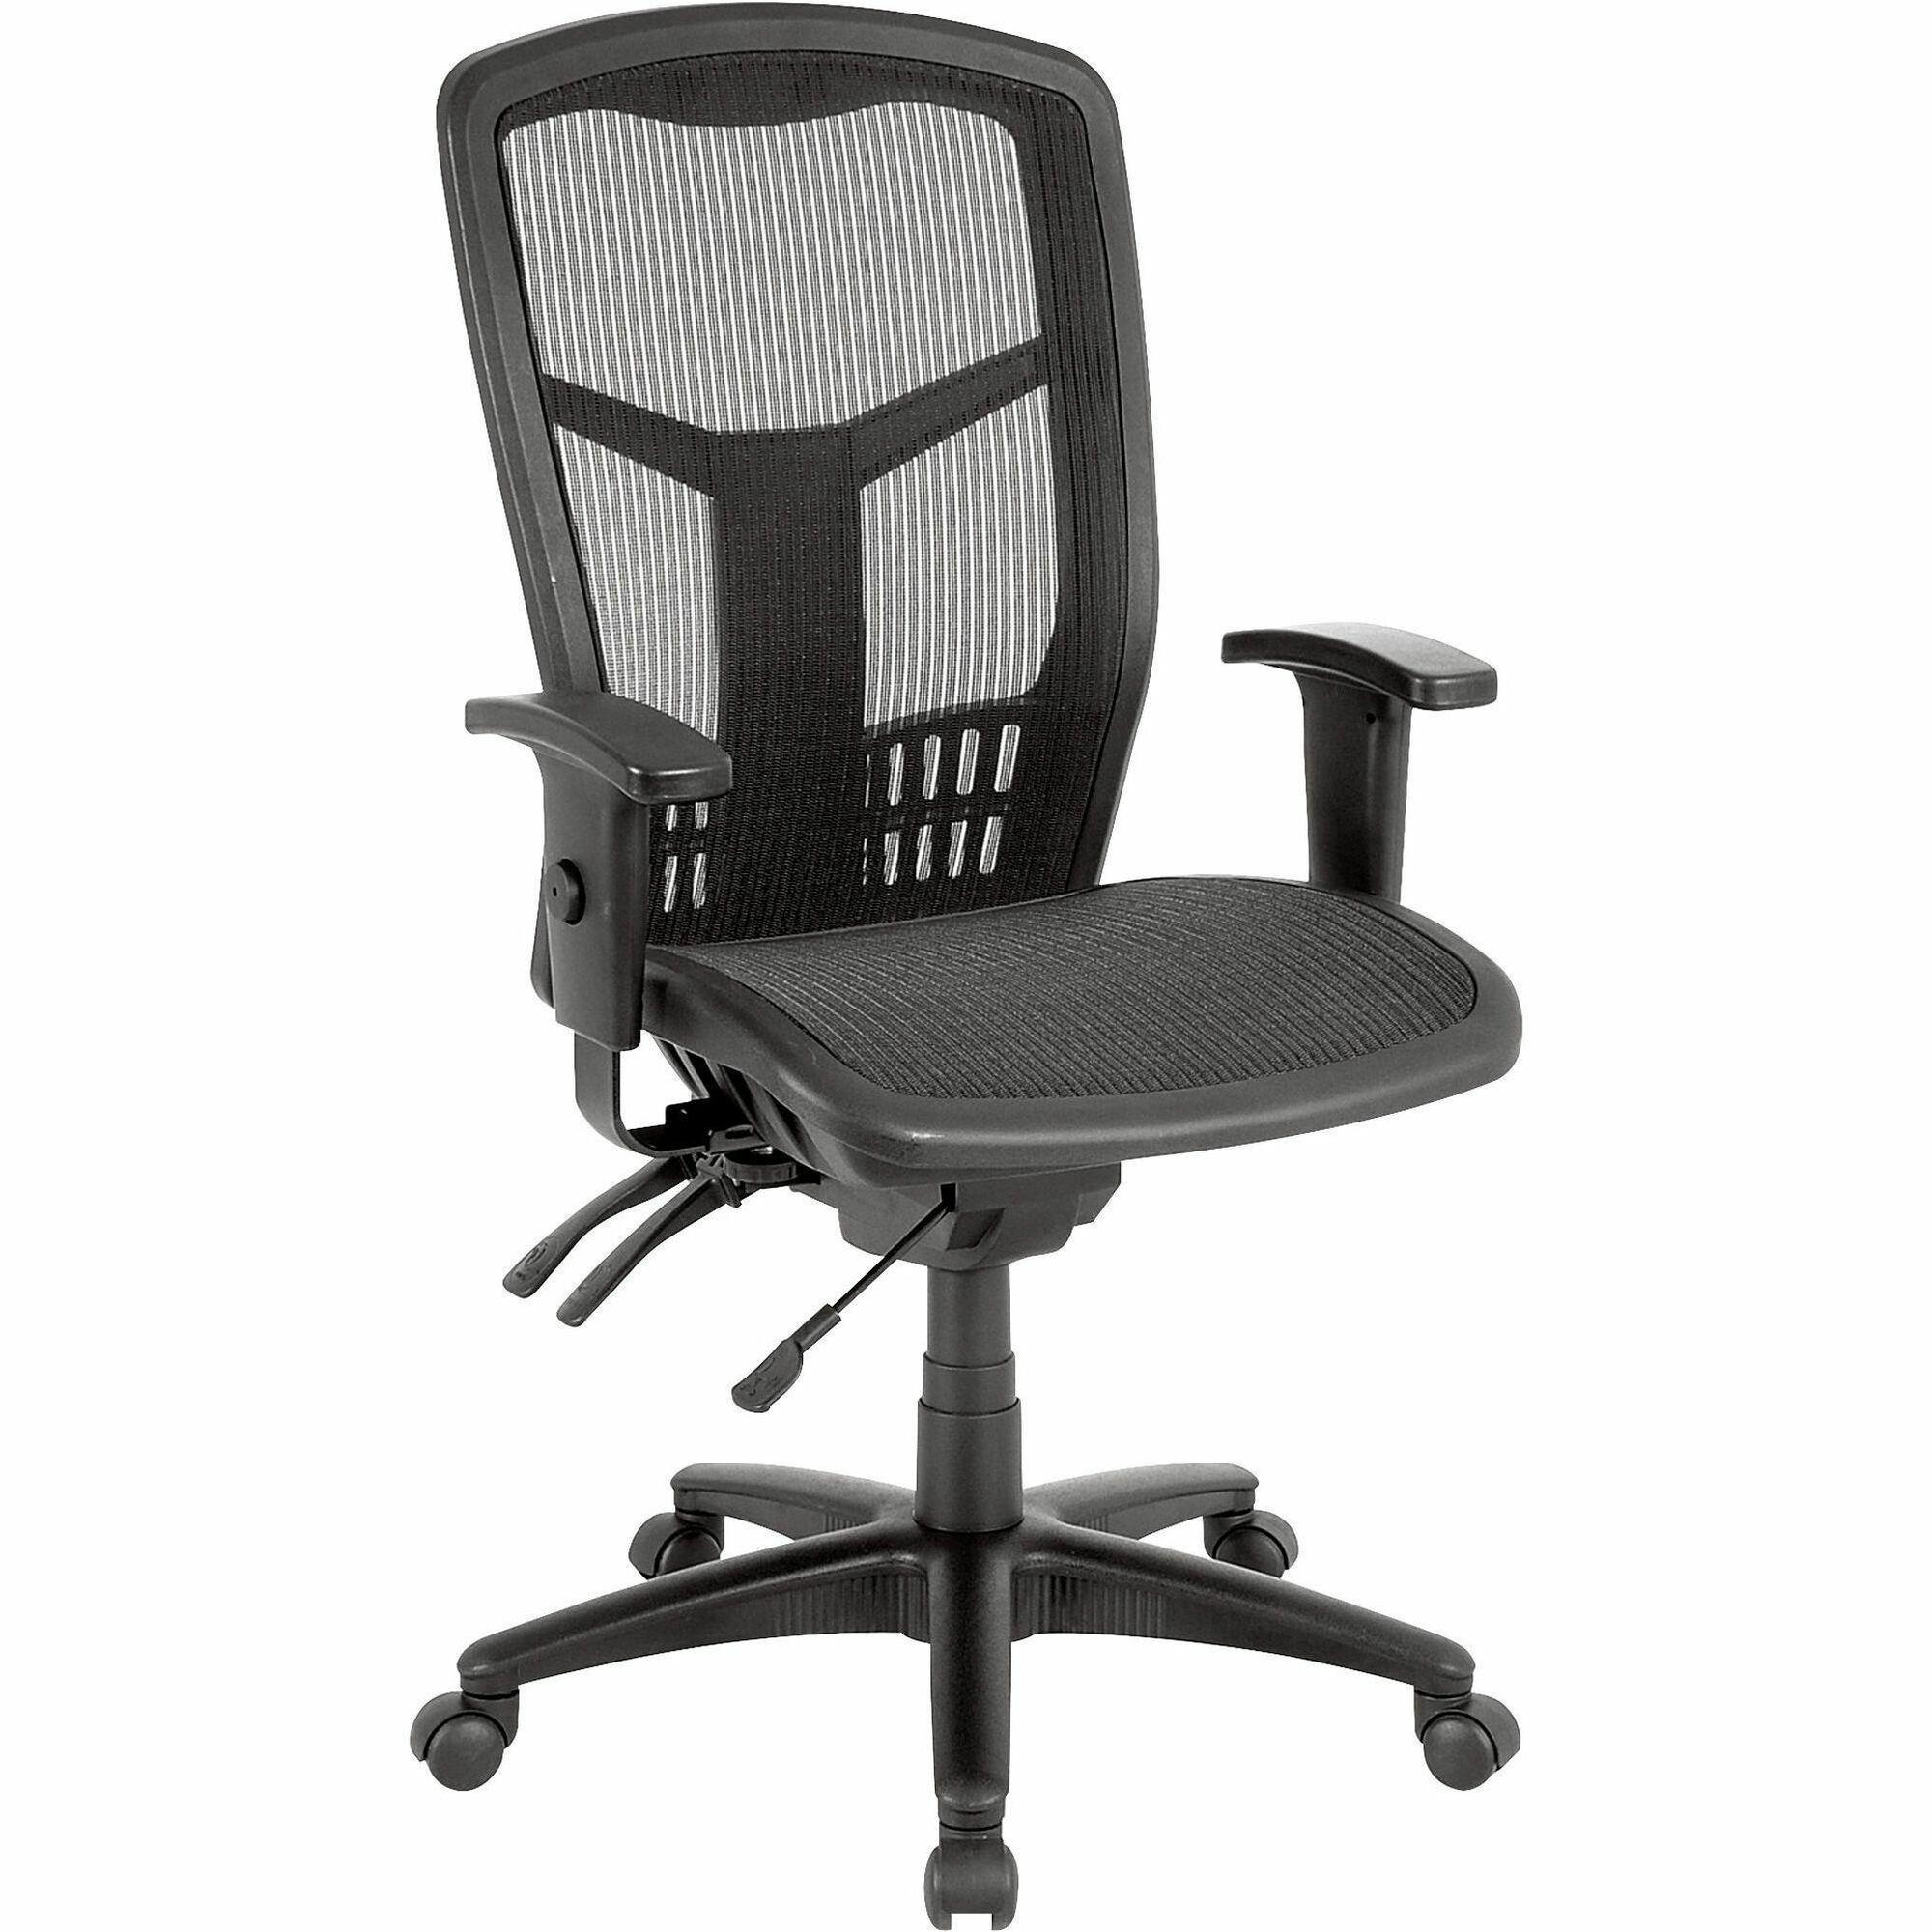 LLR Lorell Executive Mesh High Back Chair